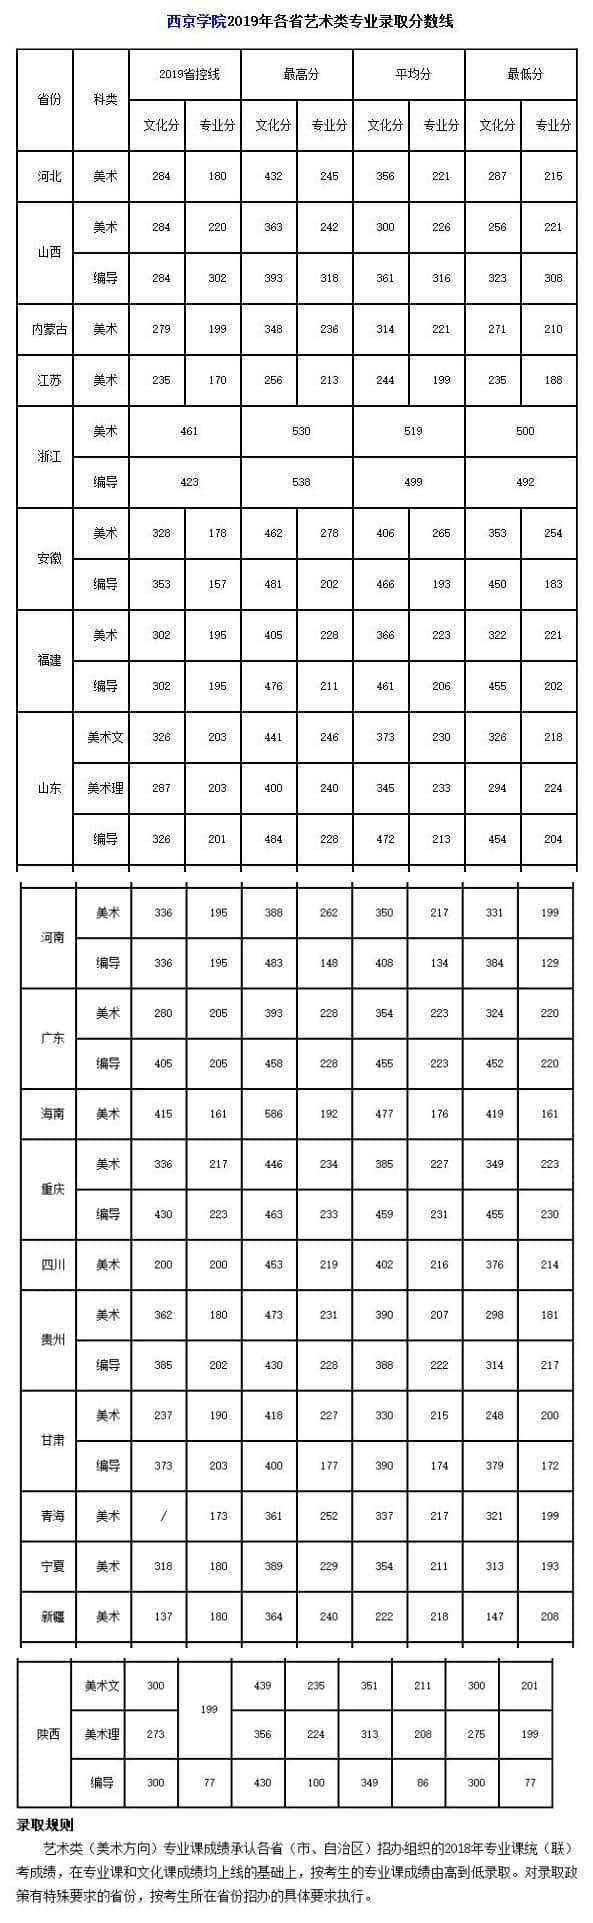 西京学院2019年各省艺术类专业录取分数线